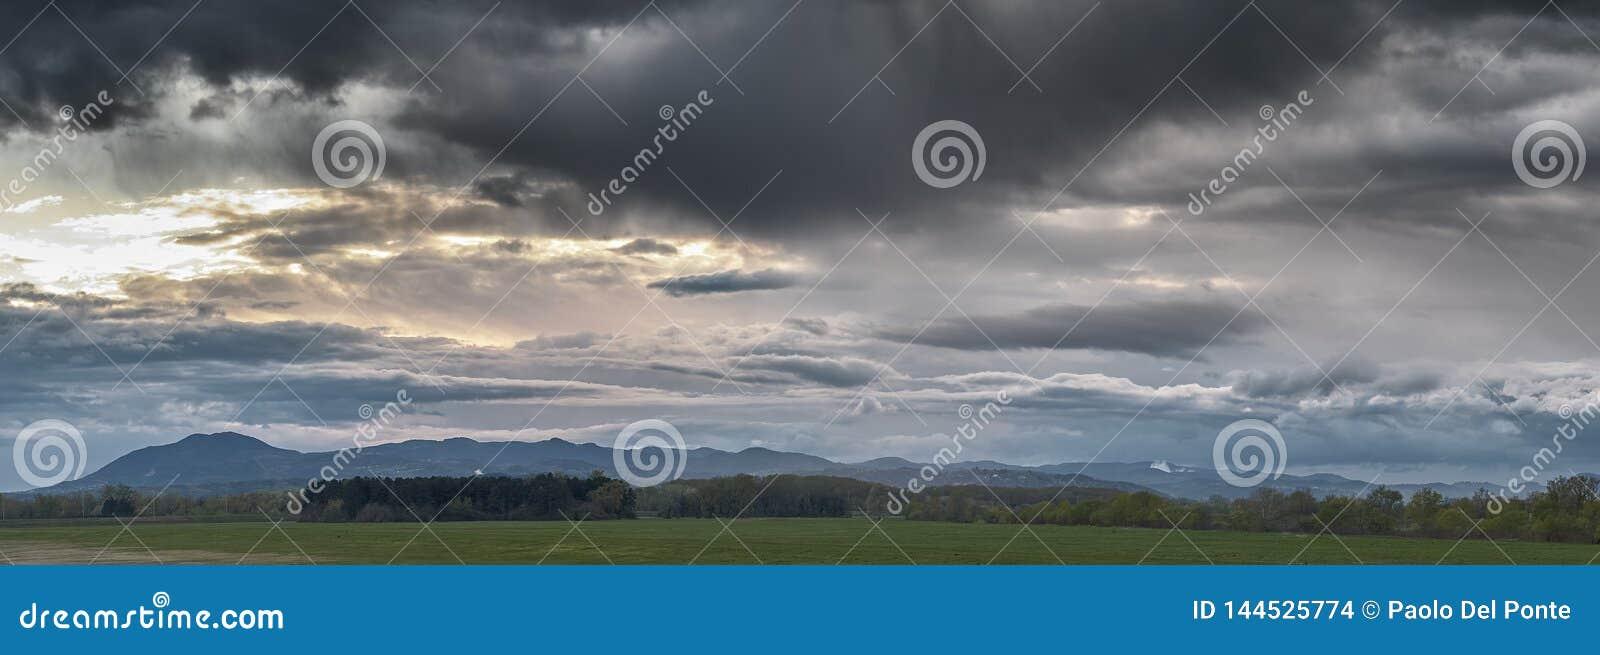 Puesta del sol en un cielo dramático de las nubes sobre un prado y un pequeño bosque del pino con las colinas en fondo, cerca de